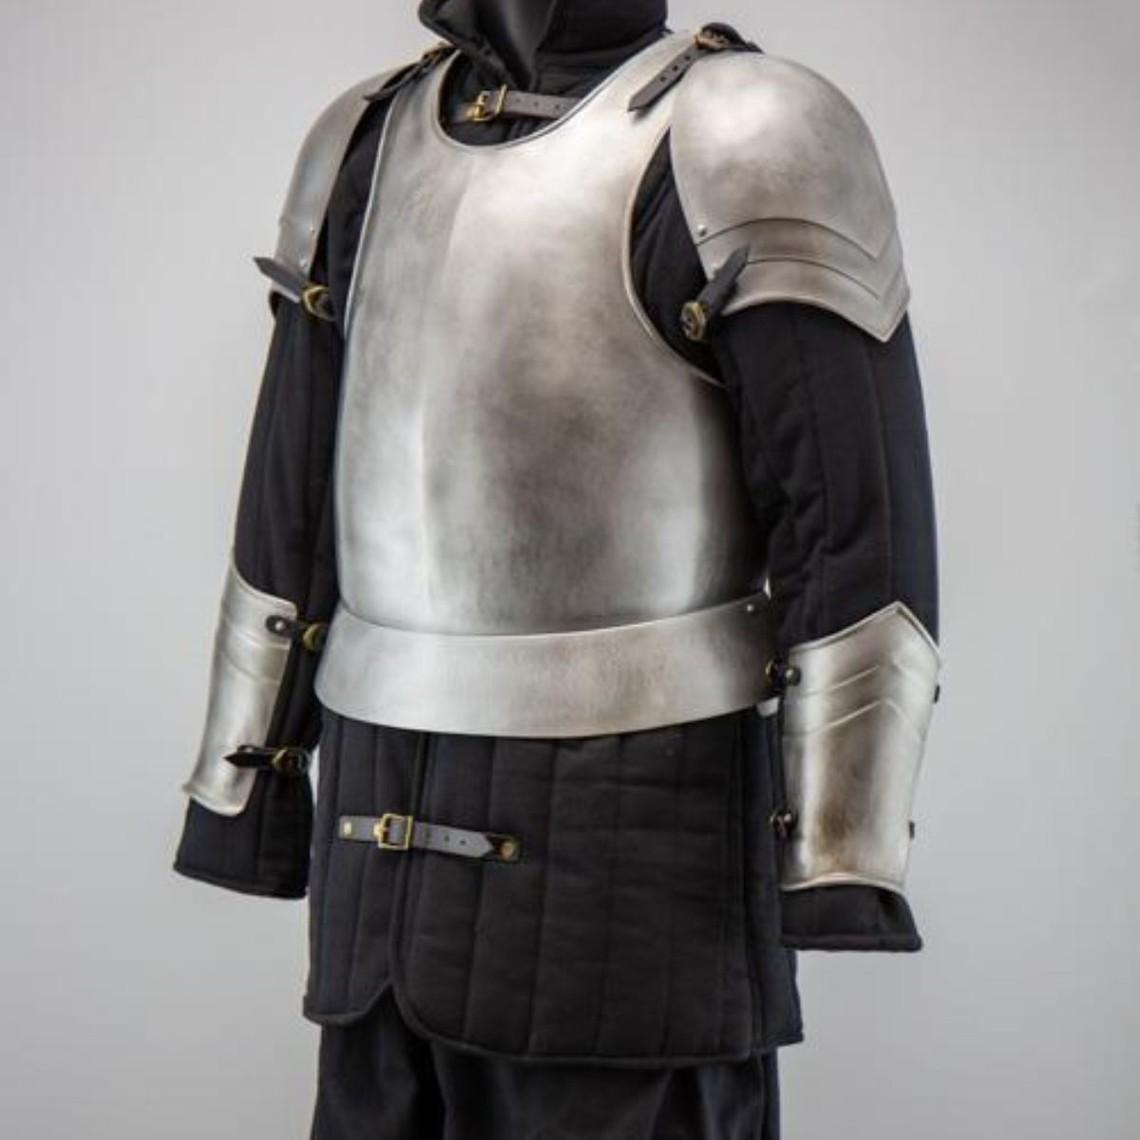 Epic Armoury LARP napierśnik średniowieczny Mercenary